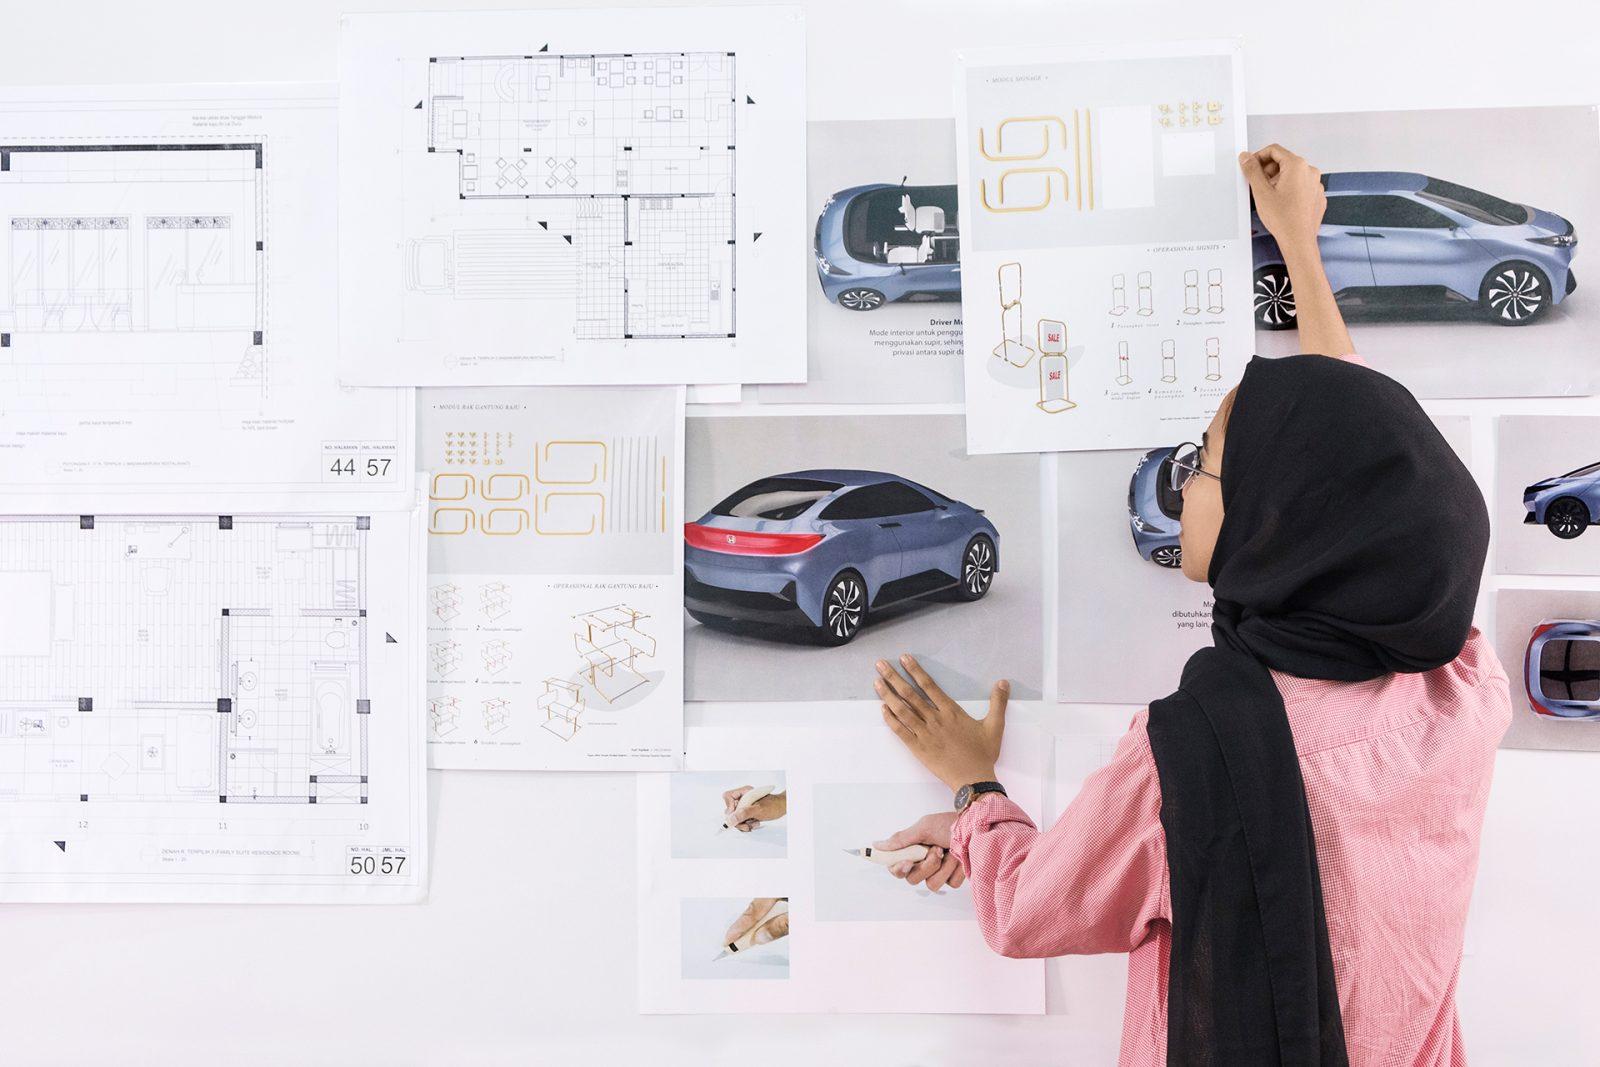 Industrial Product Design Institut Teknologi Sepuluh Nopember